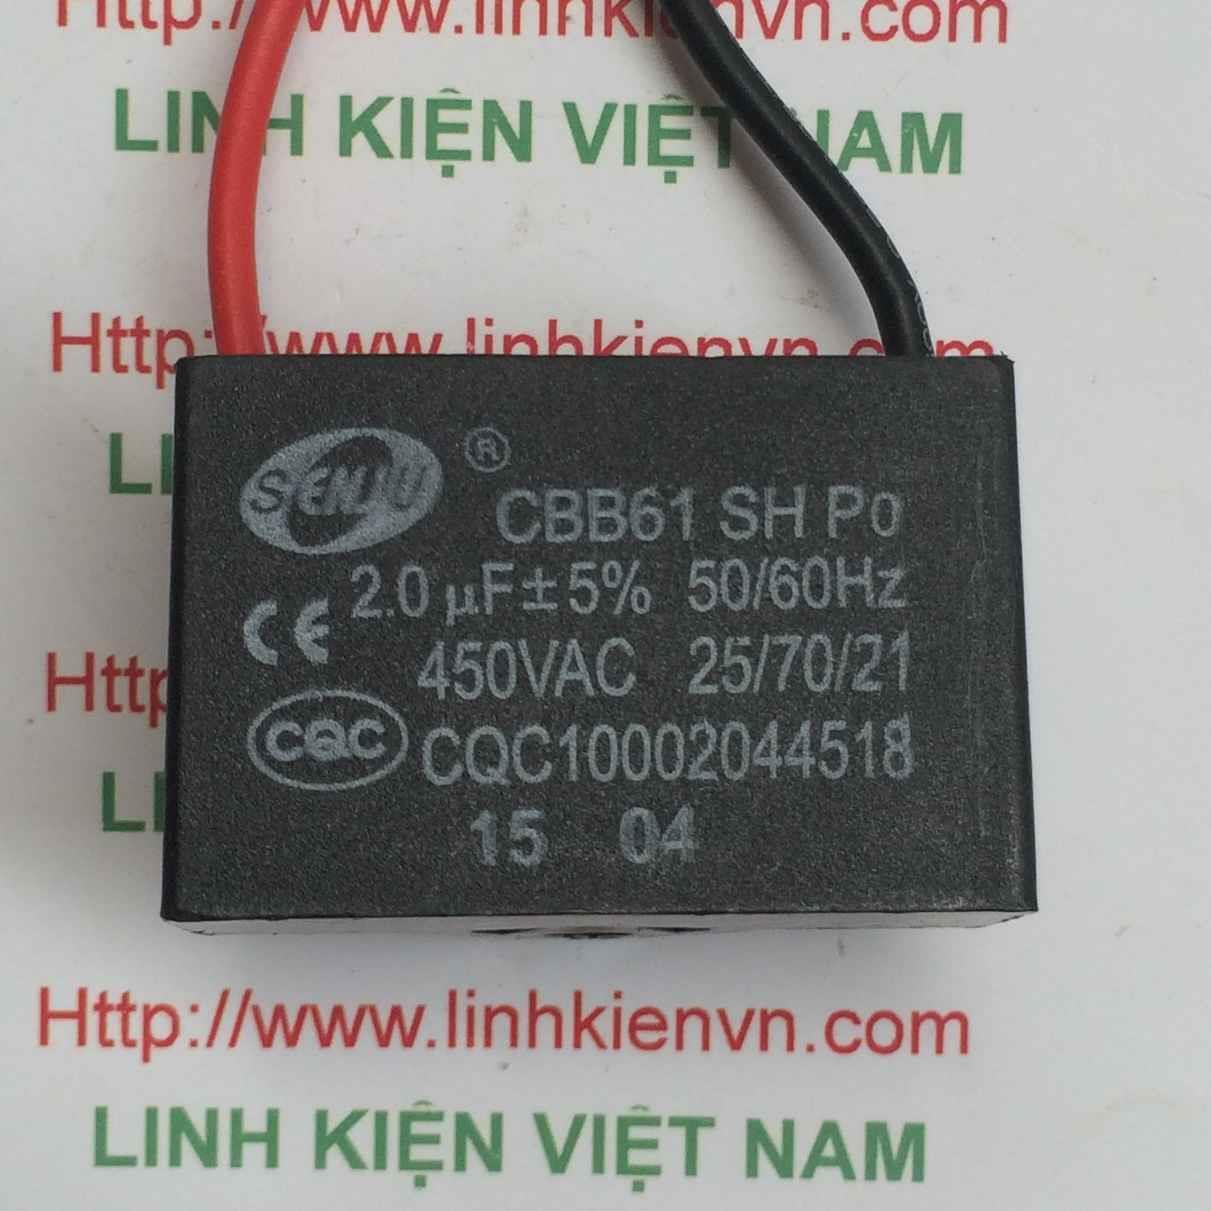 Tụ 2uF/450VAC Tụ quạt 2uF/450V - C3H19